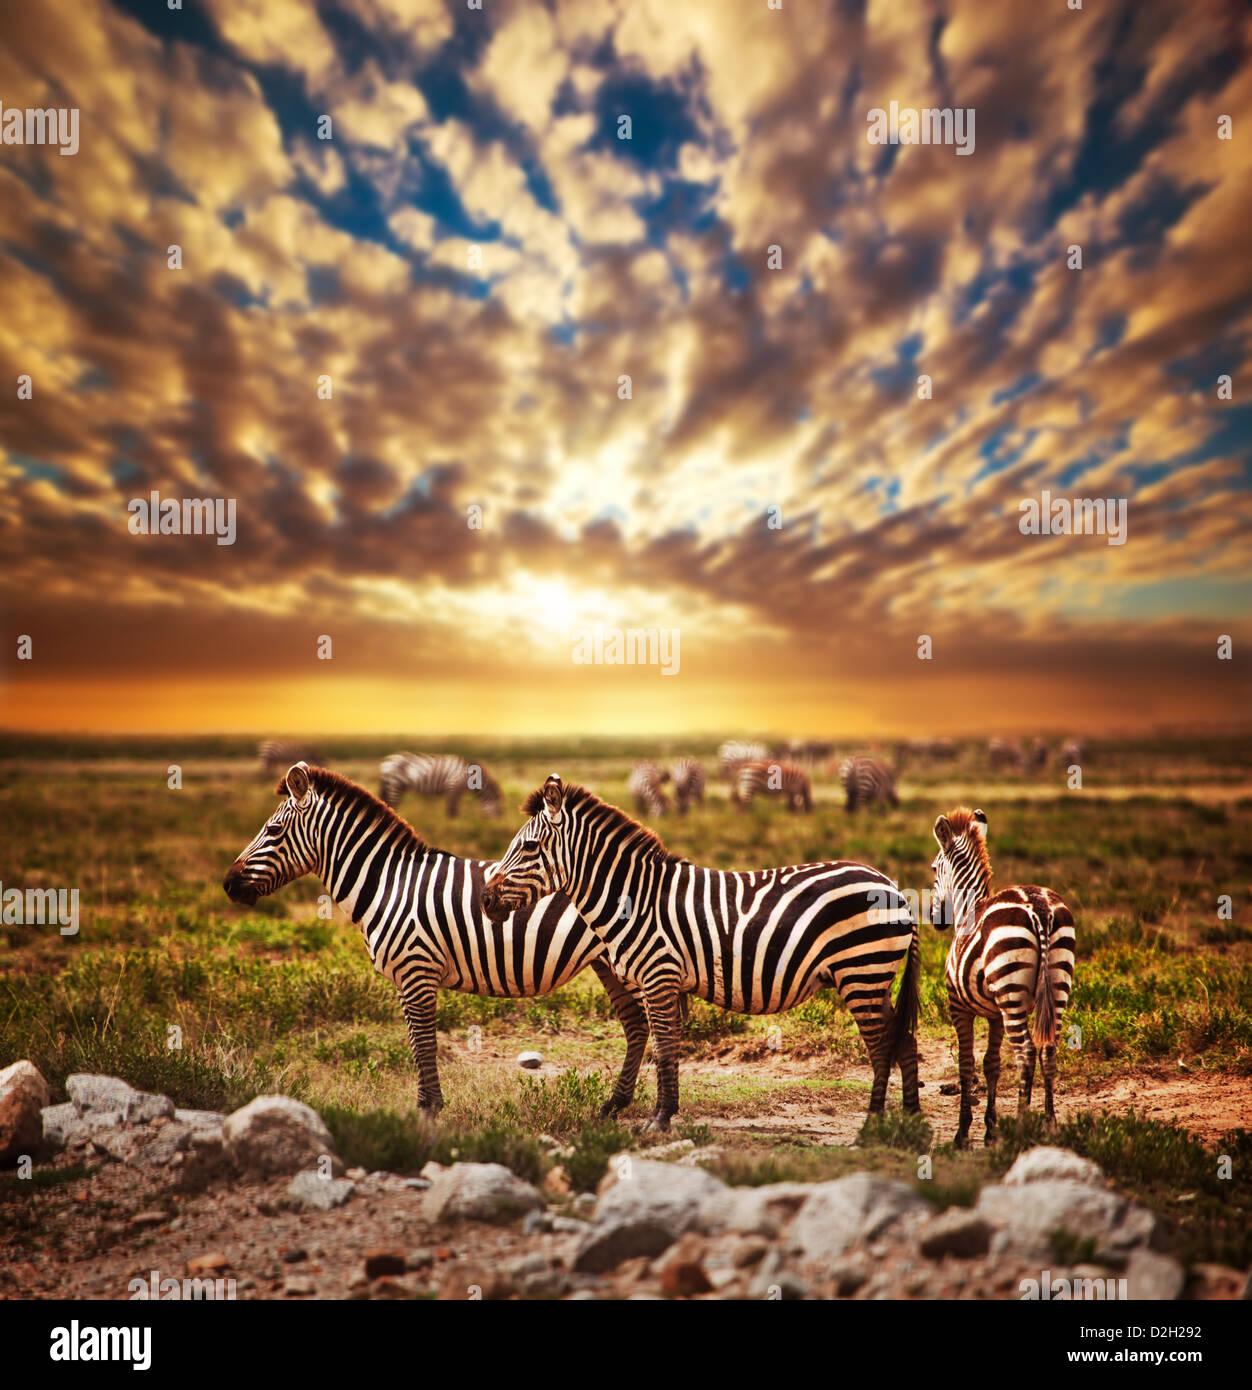 Zebre mandria sulla savana al tramonto, Africa. Safari nel Serengeti National Park, Tanzania Immagini Stock